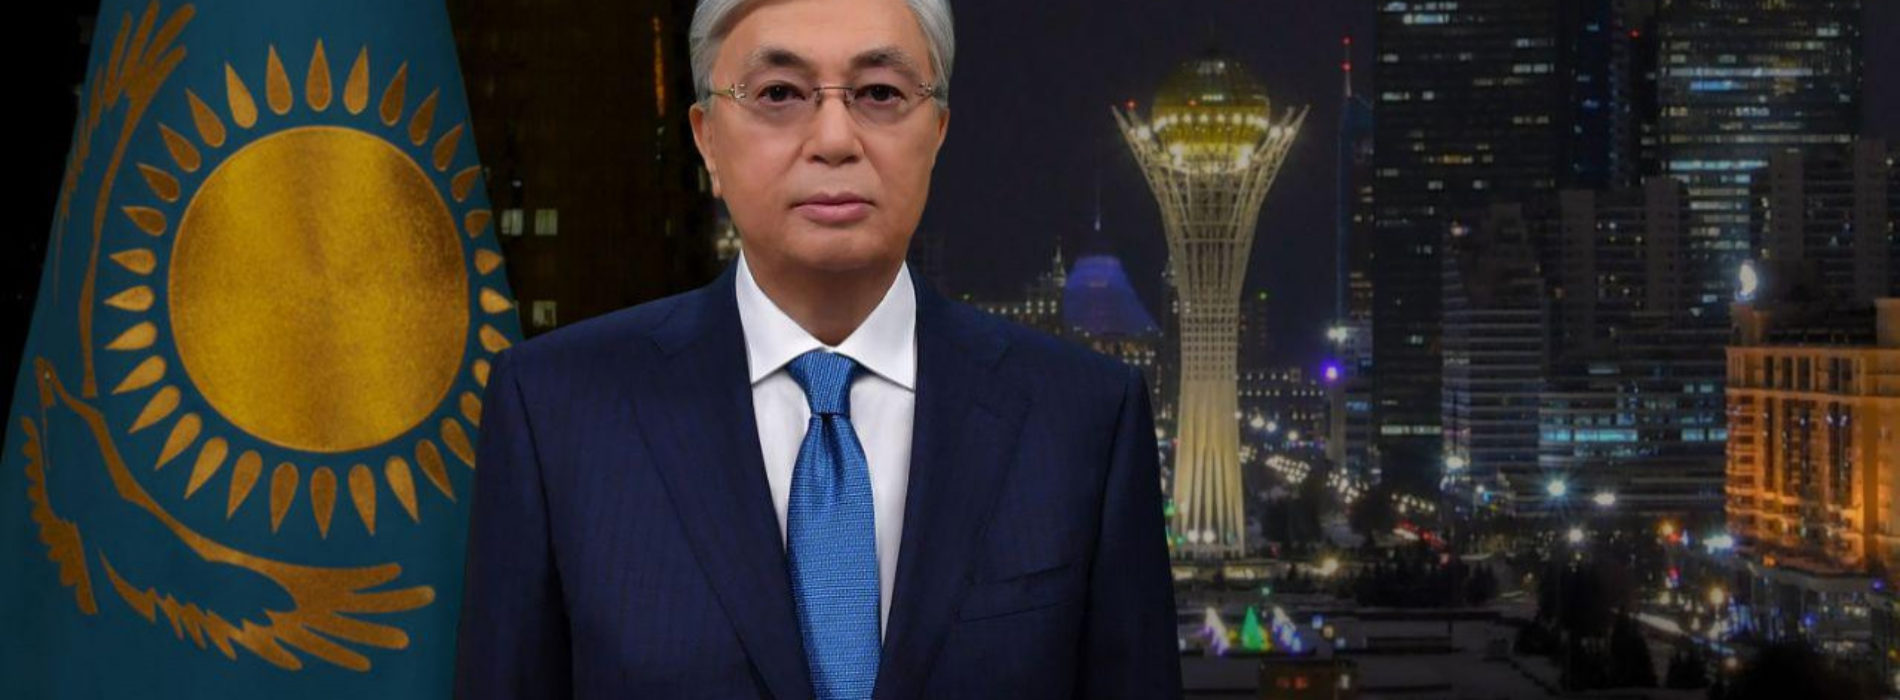 Год добрых дел – Токаев рассказал, что ждет Казахстан в 2020-м